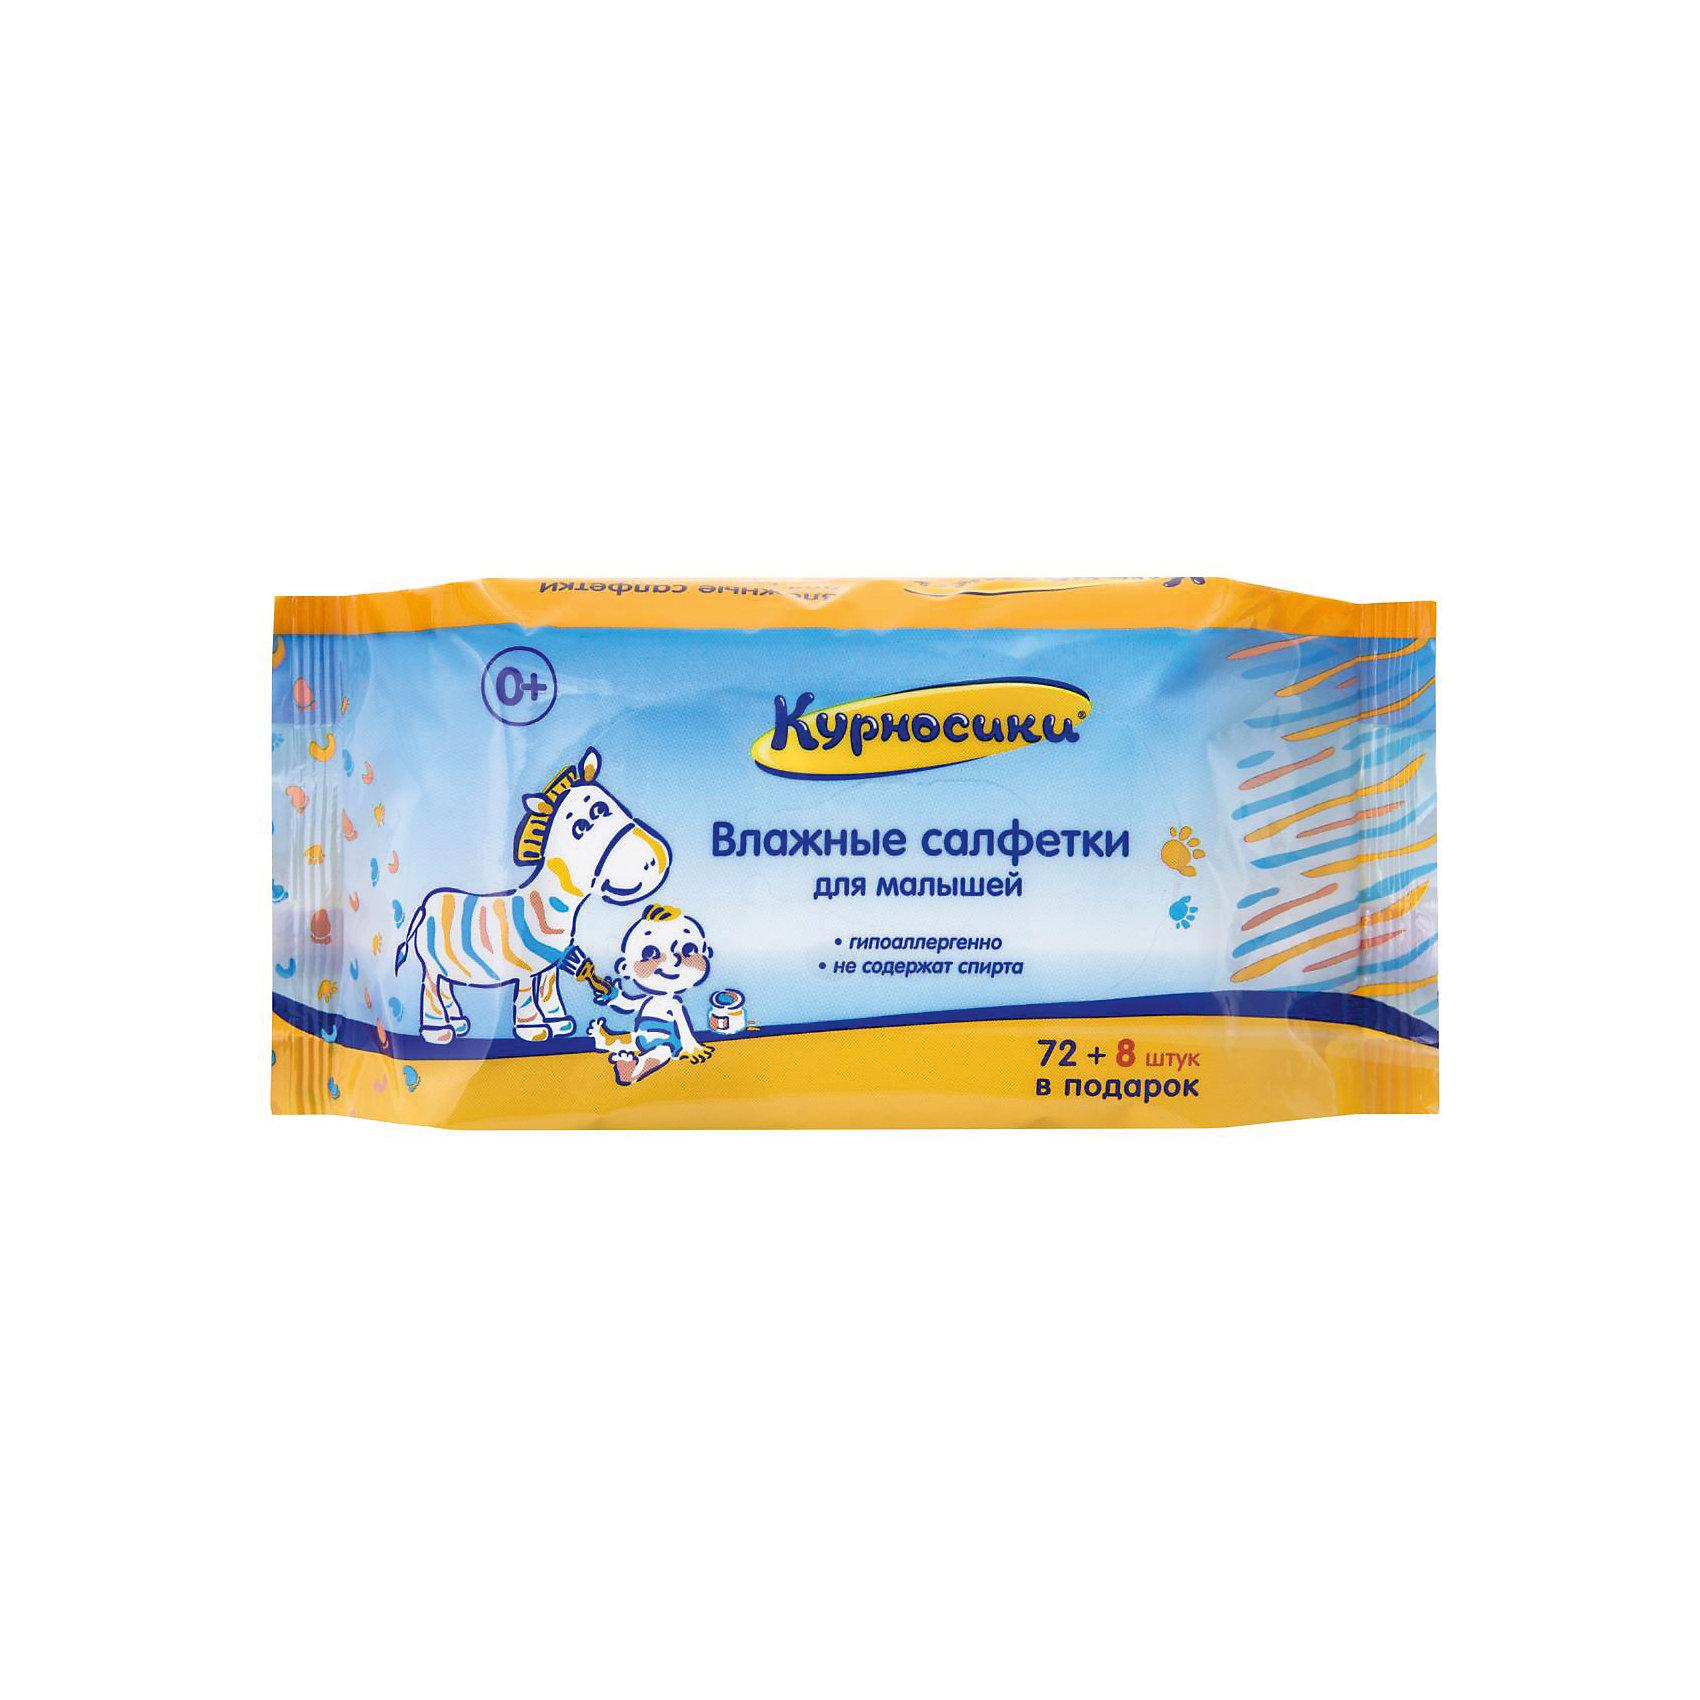 Салфетки влажные для малышей, 72+8 шт, KurnosikiСалфетки влажные для малышей, 72+8 шт, Kurnosiki – предназначены для бережного ухода за кожей малыша с самого рождения.<br>Влажные салфетки Kurnosiki деликатно и эффективно очищают и освежают кожу малыша, могут использоваться с первых дней жизни. Практичны и удобны в применении. Незаменимы при смене подгузника.<br><br>Дополнительная информация:<br><br>- Количество: 72 шт.+ 8 шт в подарок<br>- Гипоаллергенно<br>- Не содержат спирта<br><br>Салфетки влажные для малышей, 72+8 шт, Kurnosiki можно купить в нашем интернет-магазине.<br><br>Ширина мм: 100<br>Глубина мм: 220<br>Высота мм: 60<br>Вес г: 285<br>Возраст от месяцев: 0<br>Возраст до месяцев: 36<br>Пол: Унисекс<br>Возраст: Детский<br>SKU: 4830271